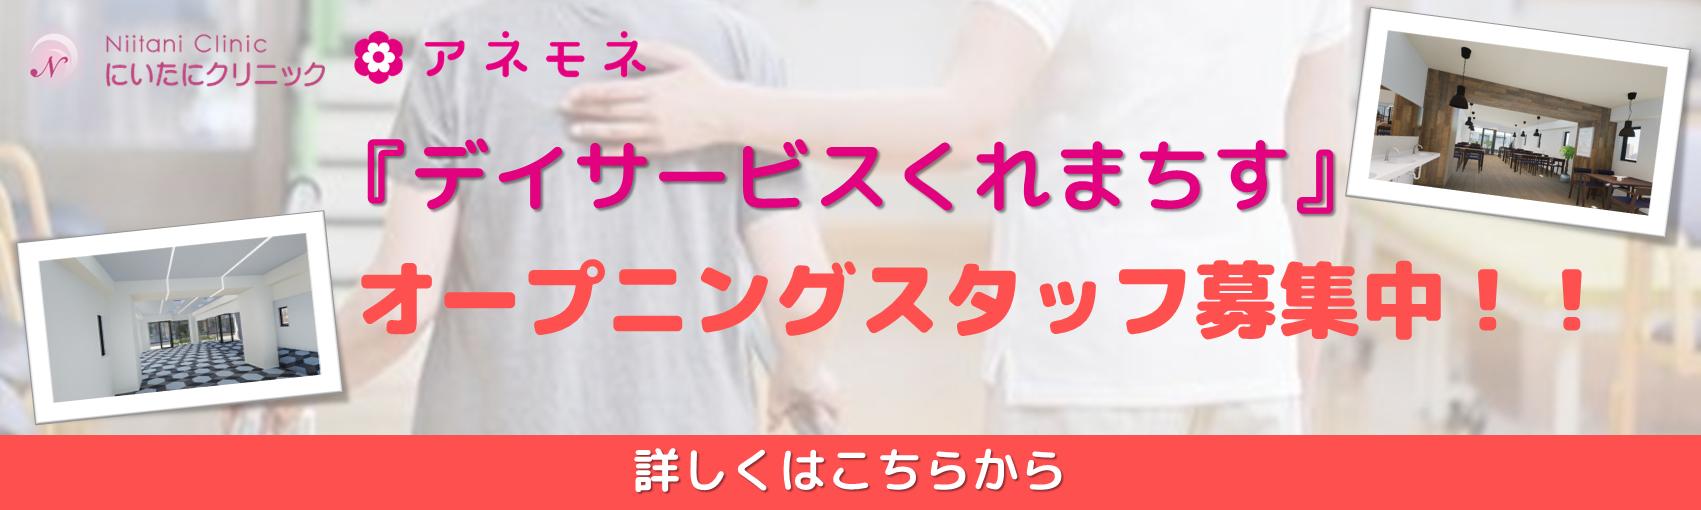 『デイサービスくれまちす』オープニングスタッフ募集中!